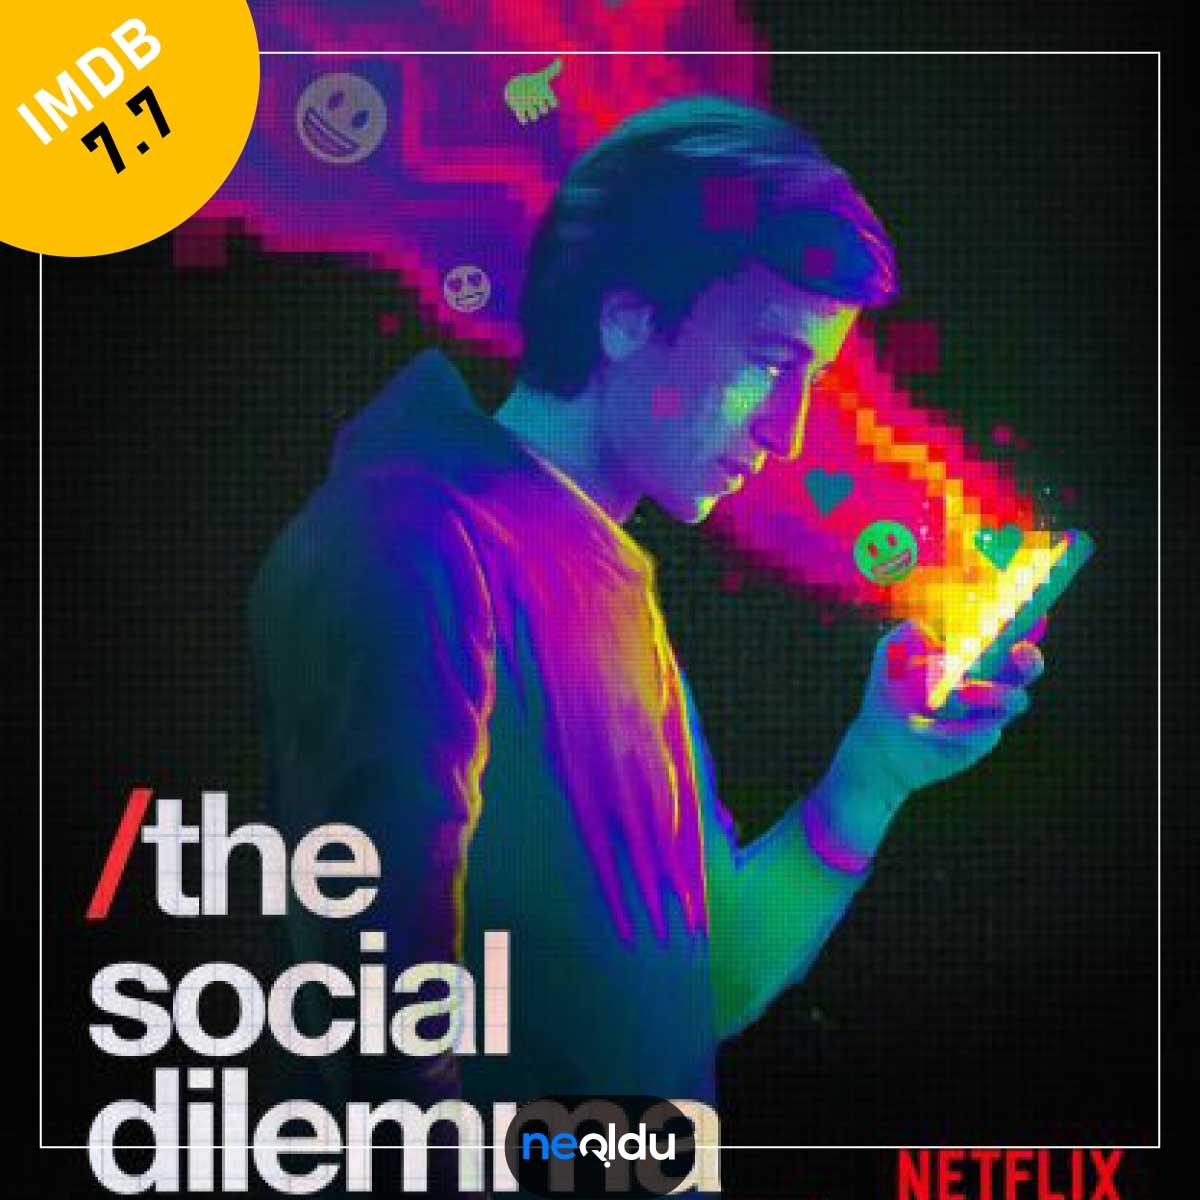 En İyi Netflix Filmleri, Film Önerileri